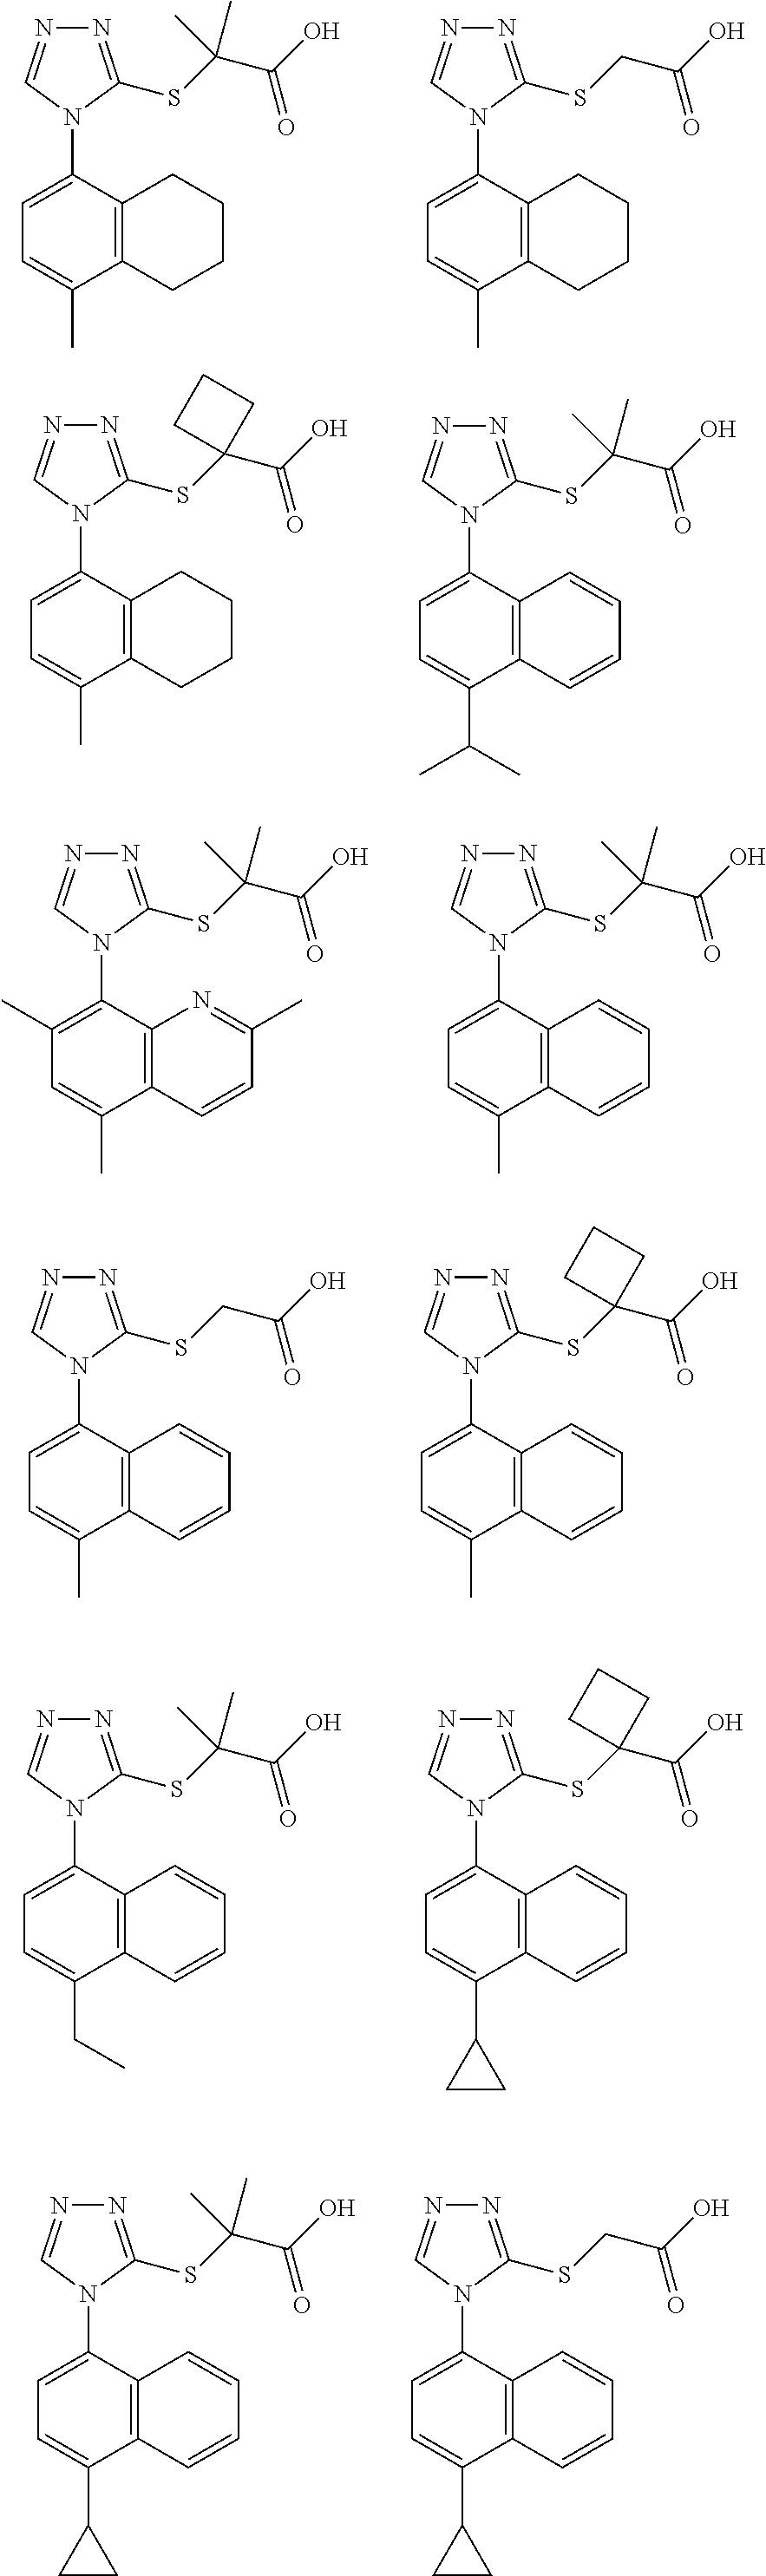 Figure US08283369-20121009-C00037